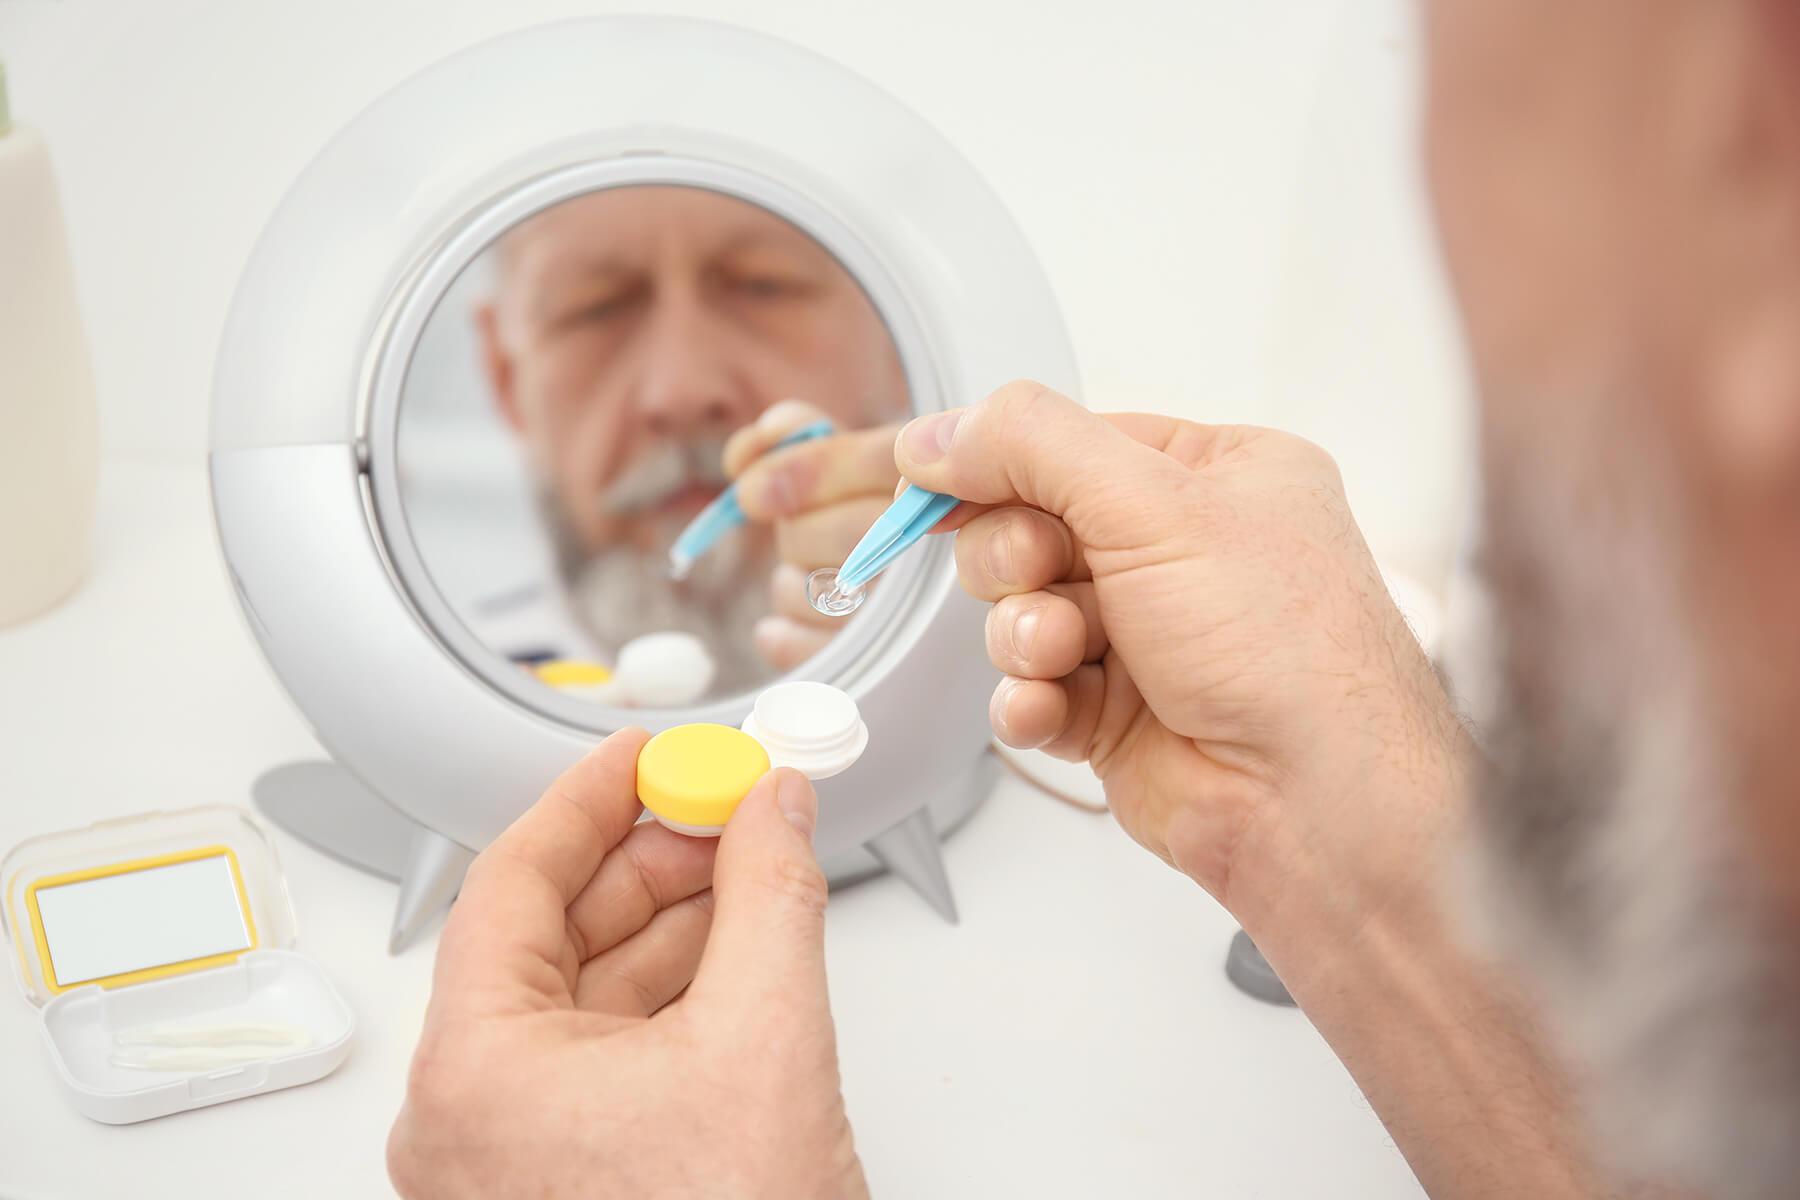 Mann vor Spiegel bewegt Kontaktlinse mit Pinzette.